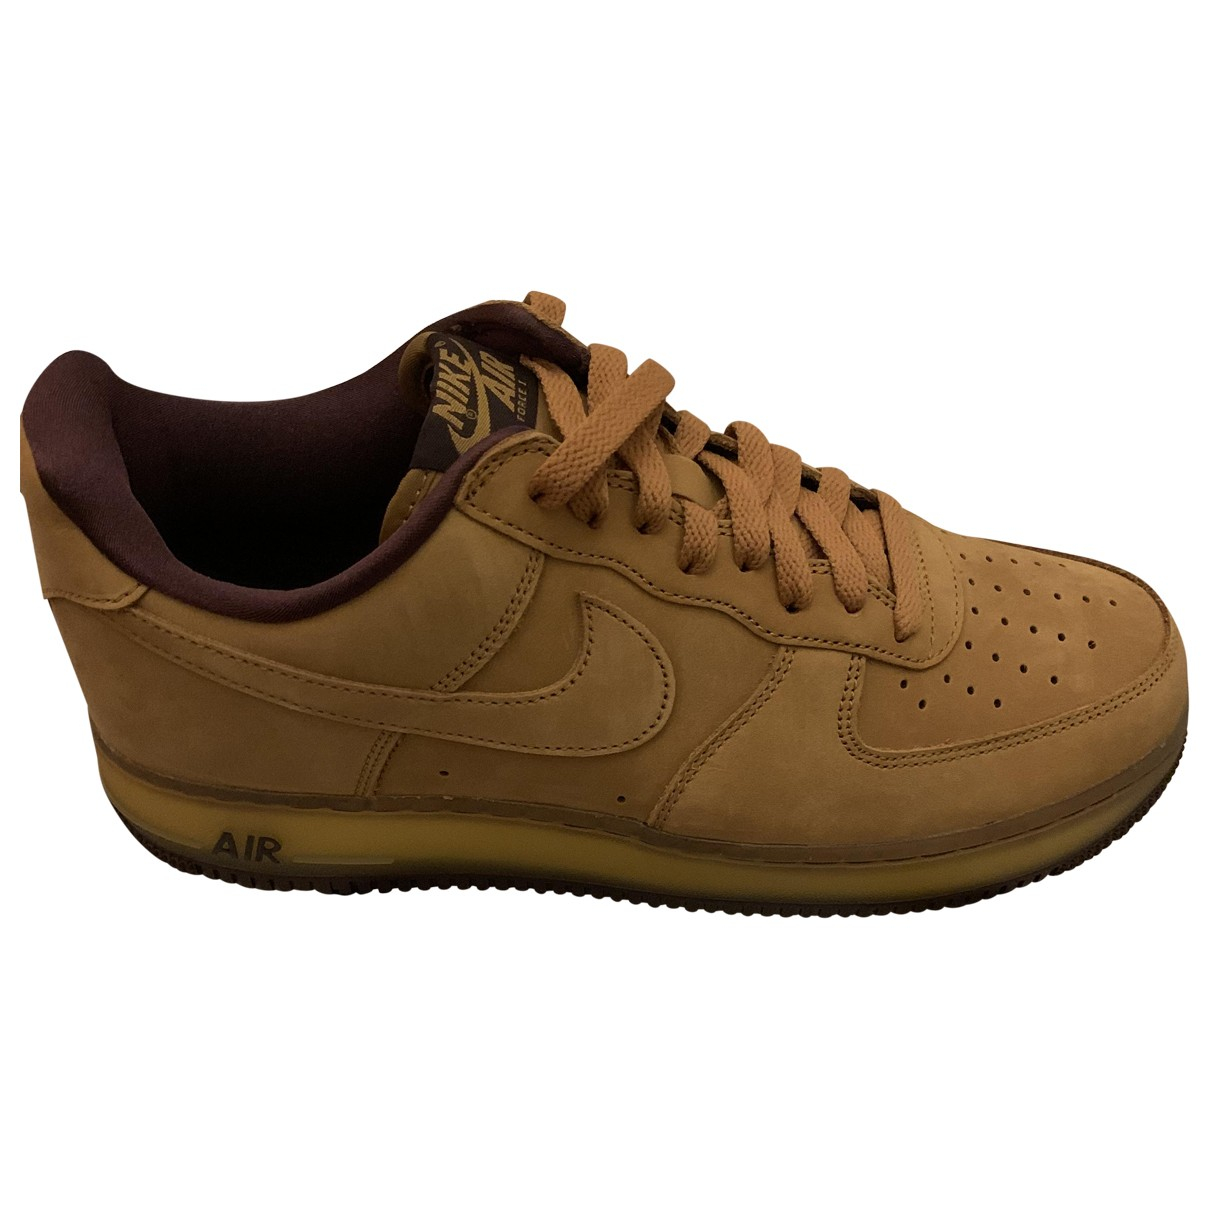 Nike - Baskets Air Force 1 pour homme en suede - beige